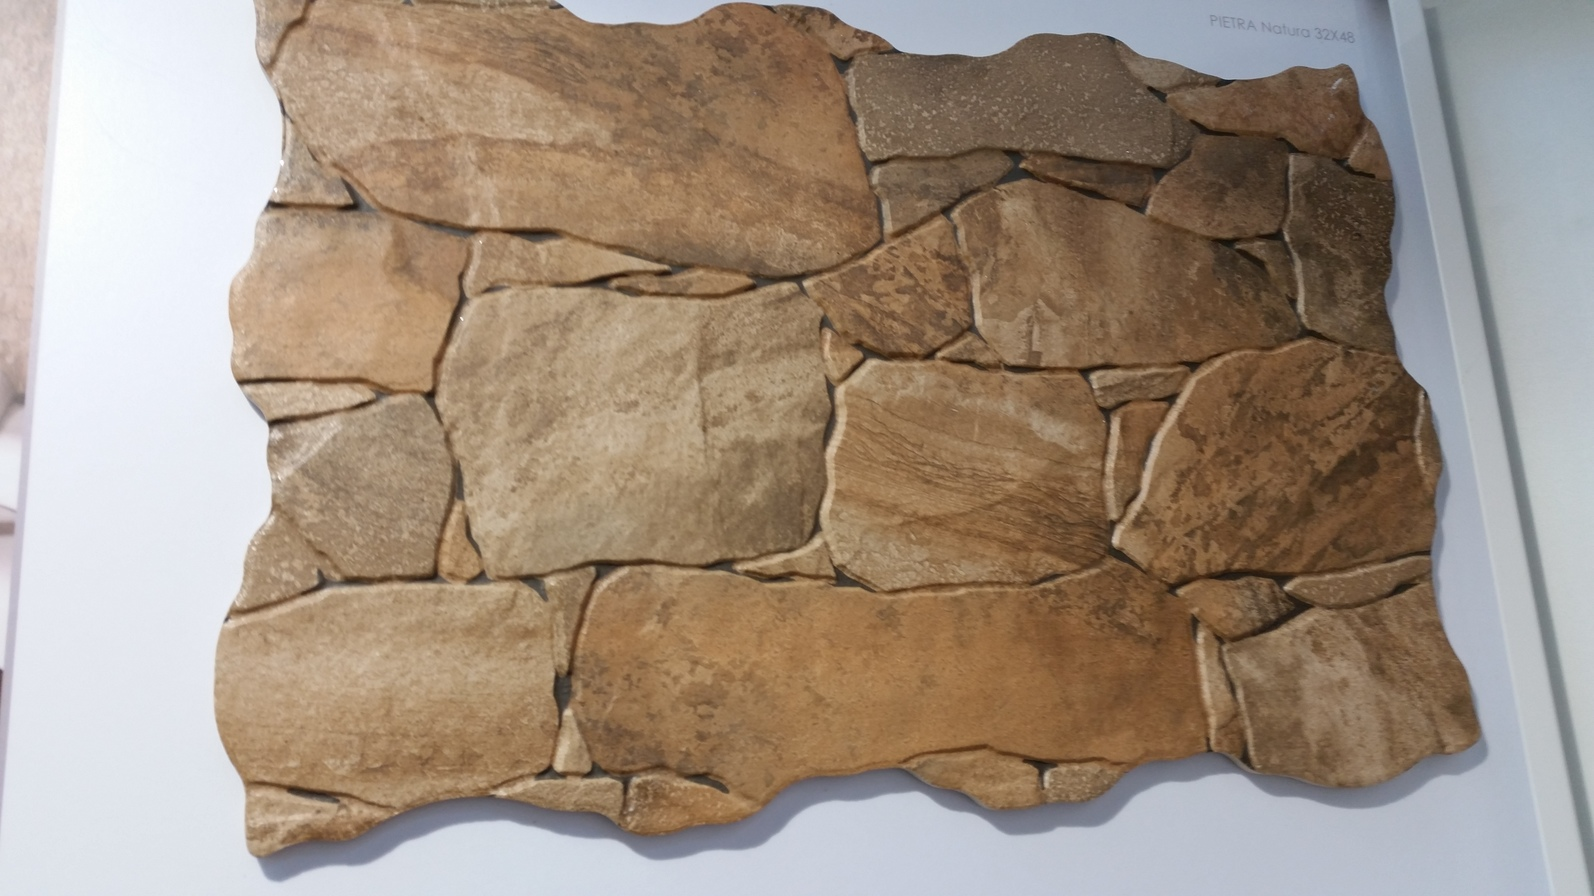 Płytki Stylizowane Kwadraty Kamienie Jak Prawdziwe